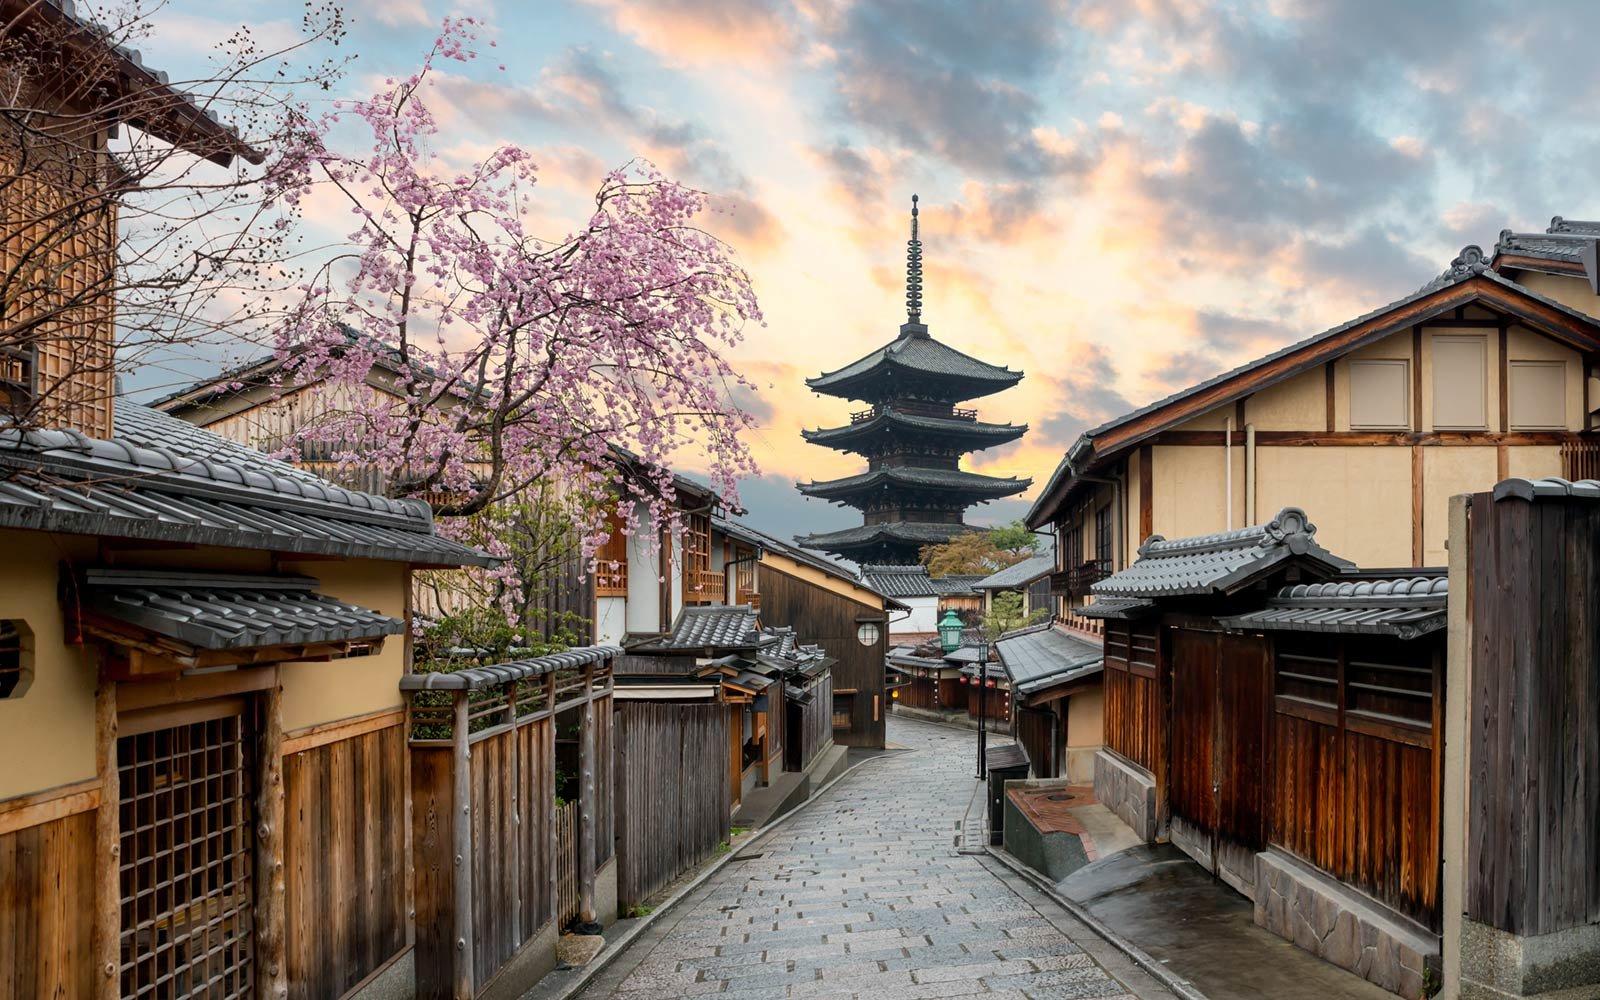 yasaka pagoda and sannen zaka street kyoto japan 05 TOPCITIESWB18